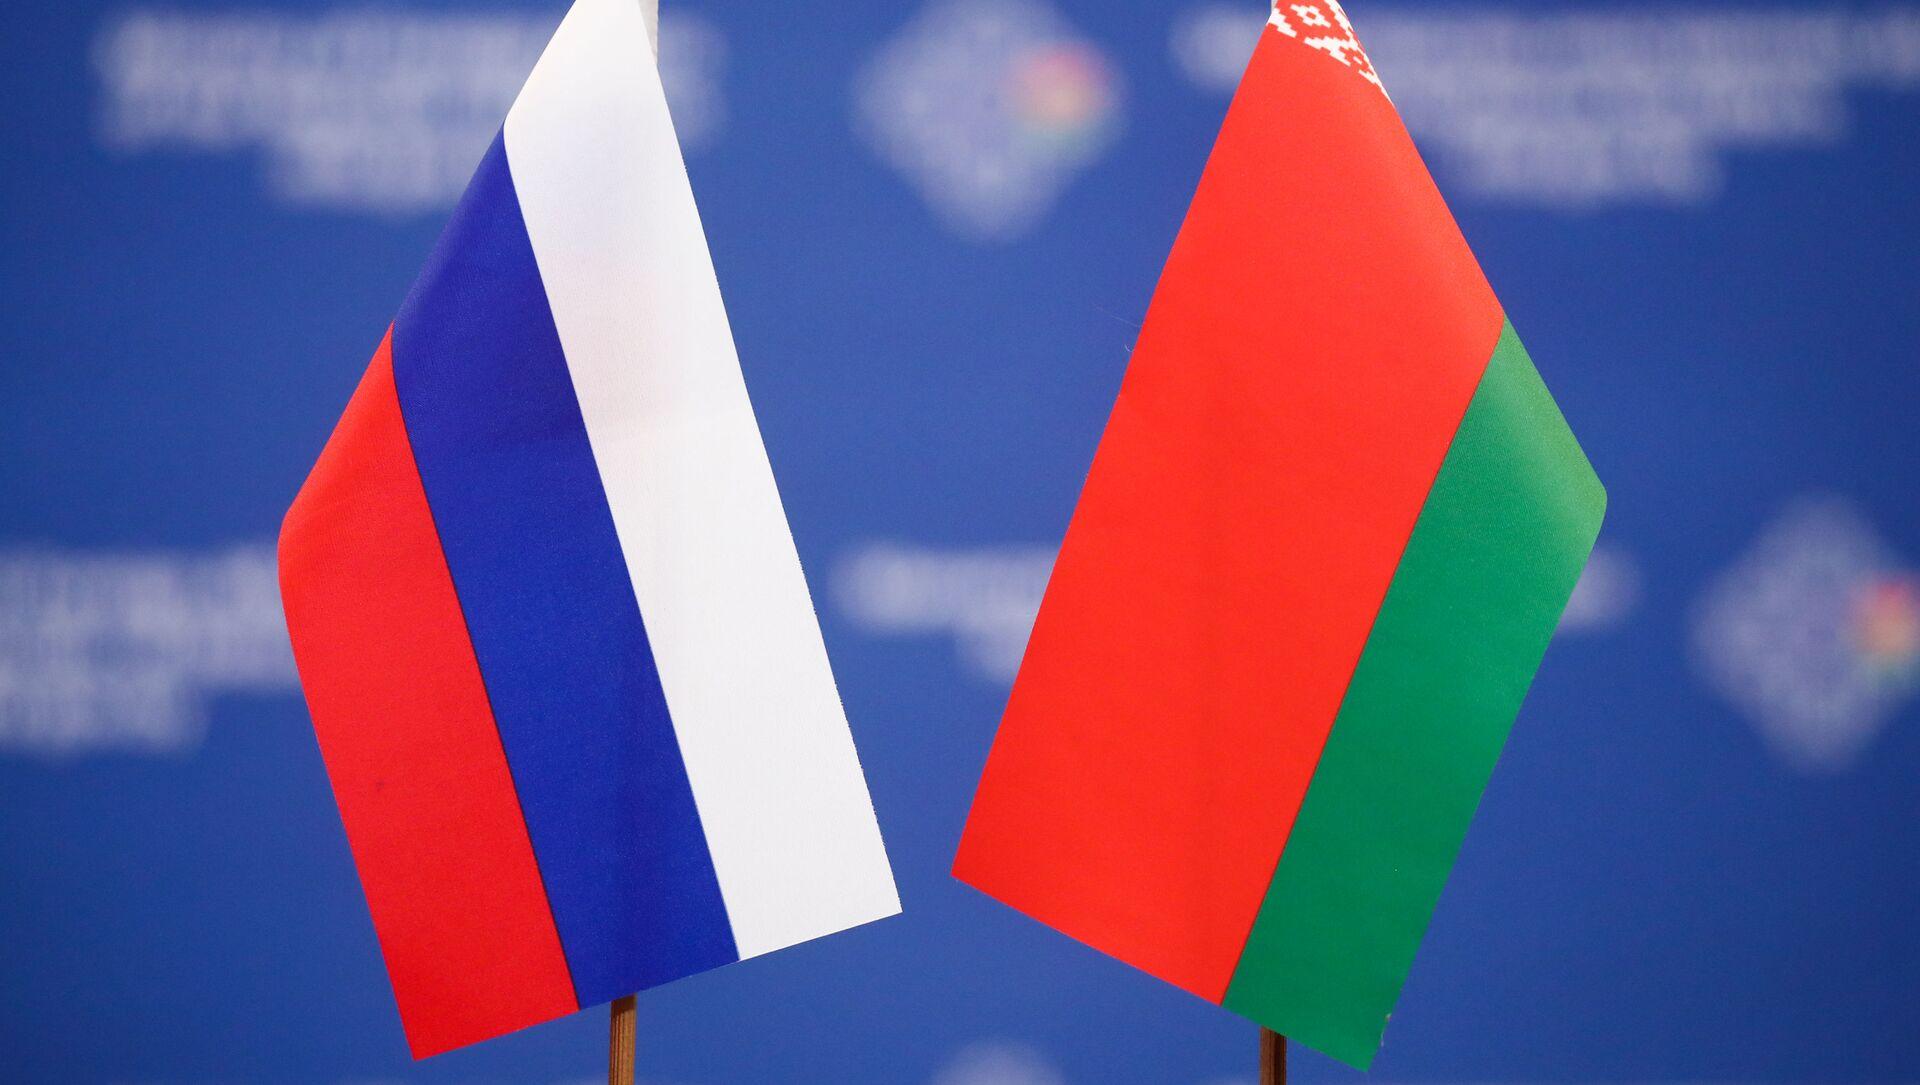 Banderas de Rusia y Bielorrusia - Sputnik Mundo, 1920, 22.07.2020